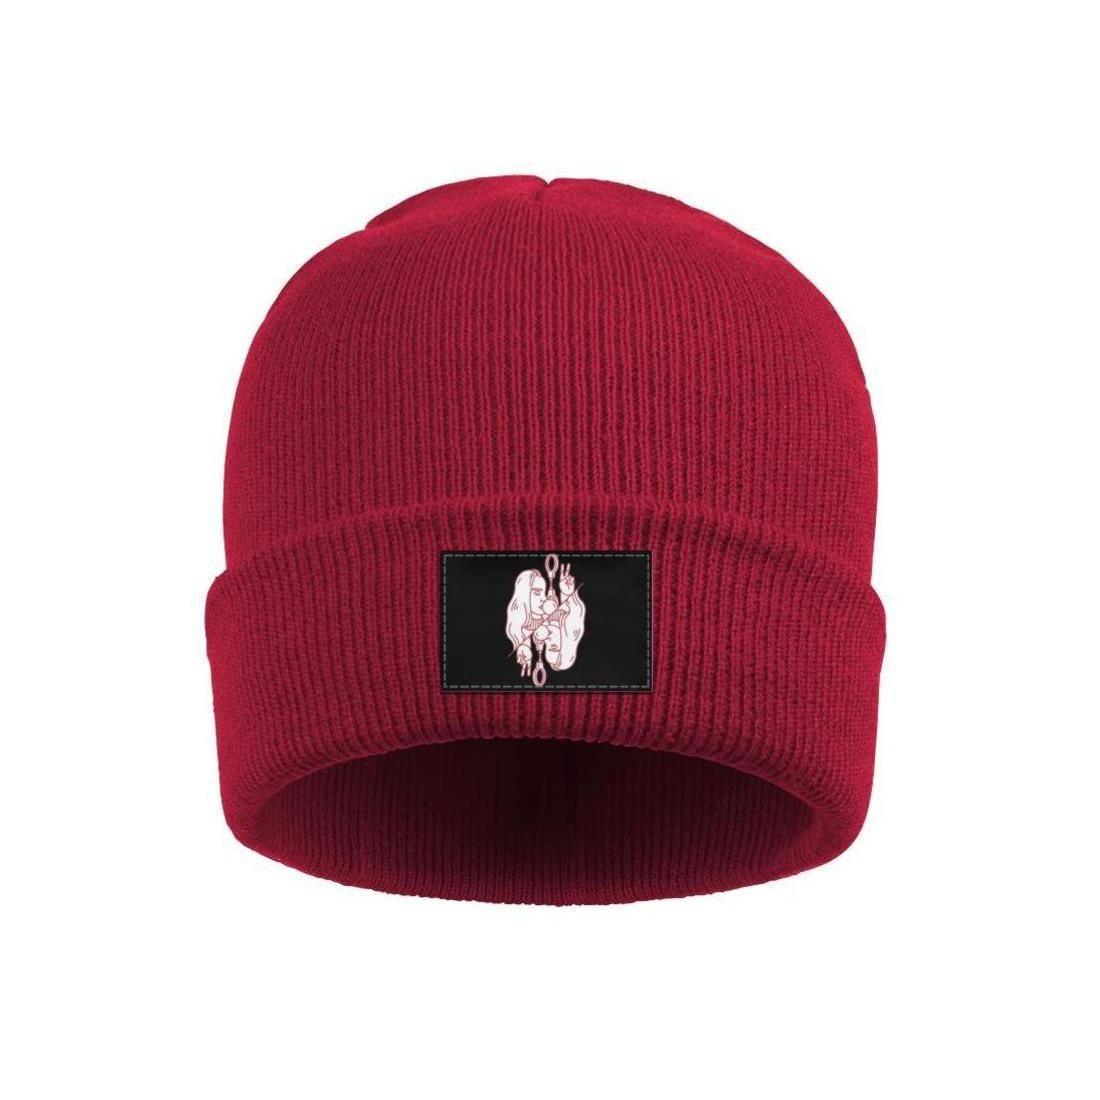 Мода Billie Eilish Эластичный мягкий Часы Beanie Hat Шерстяные шапки Billie-Eilish-ART Billie-Eilish OCEEAN ГЛАЗА